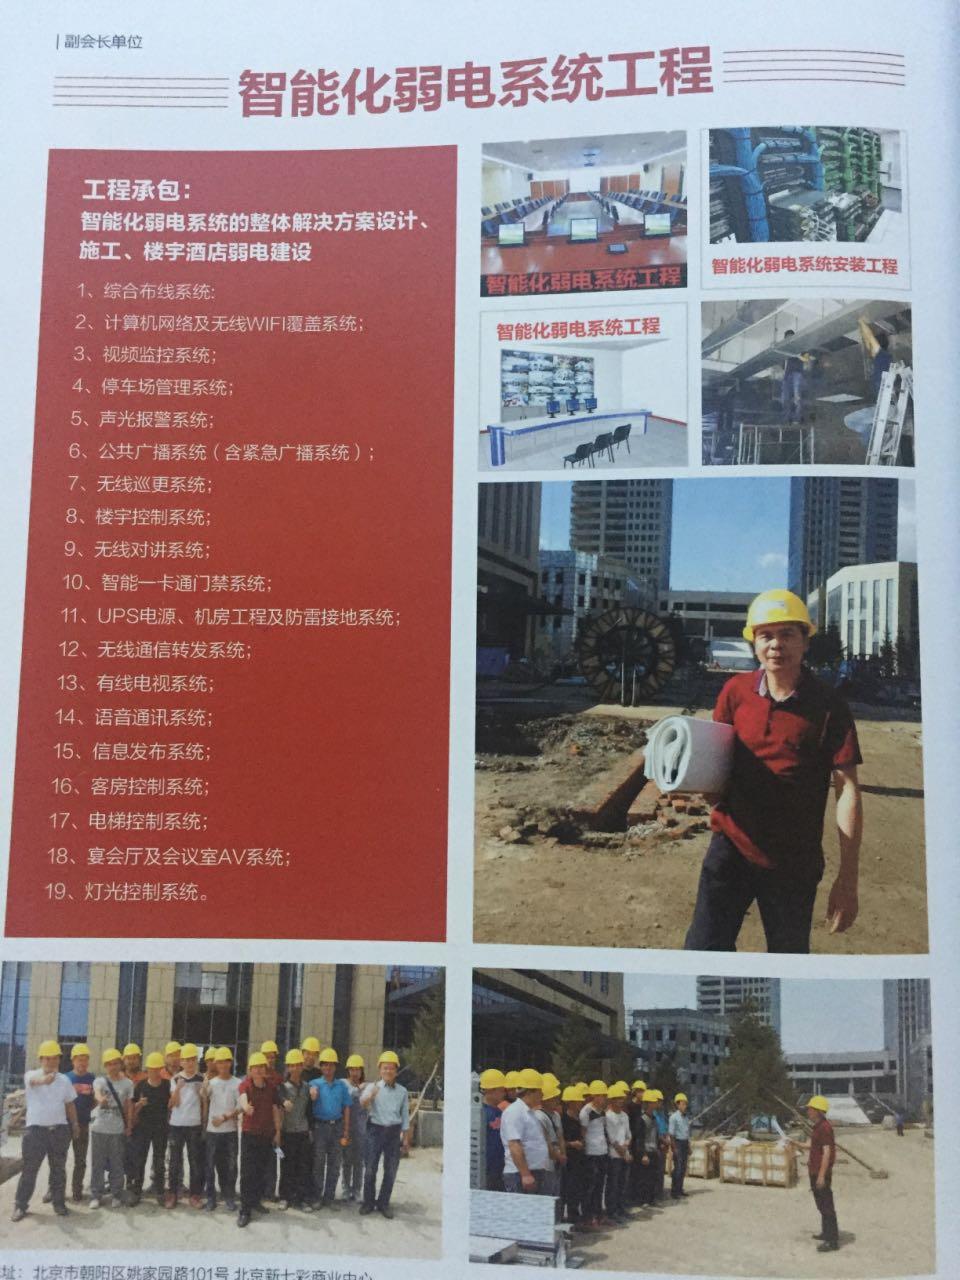 来自吴国栋发布的商务合作信息:... - 智能化弱电系统工程